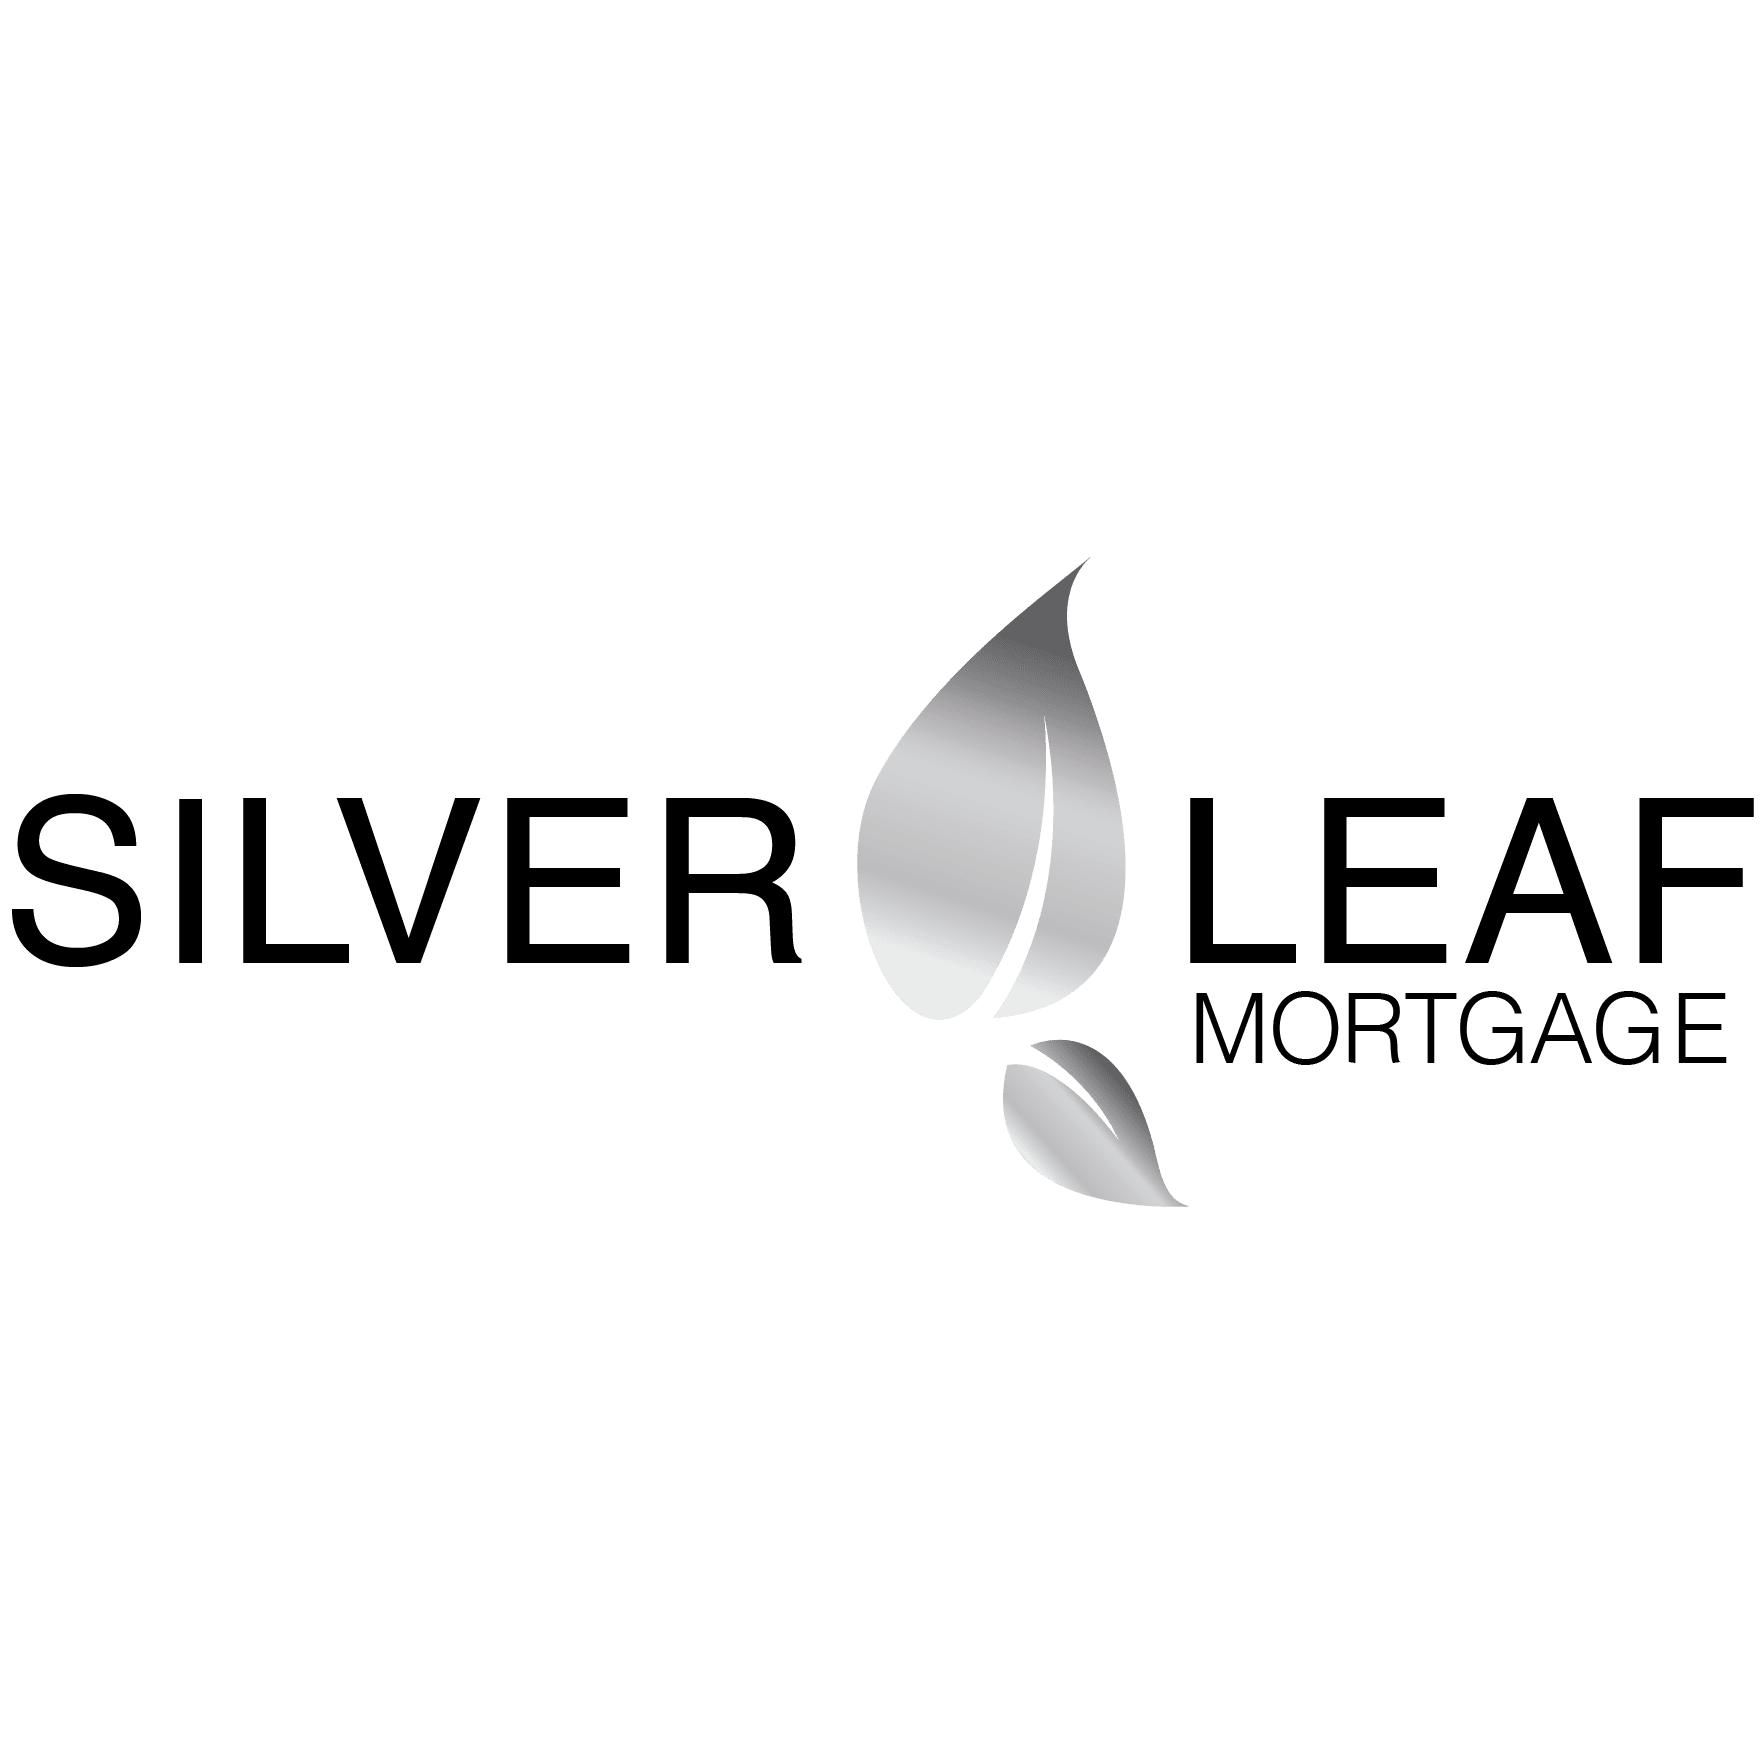 Silver Leaf Mortgage, NMLS #1394377